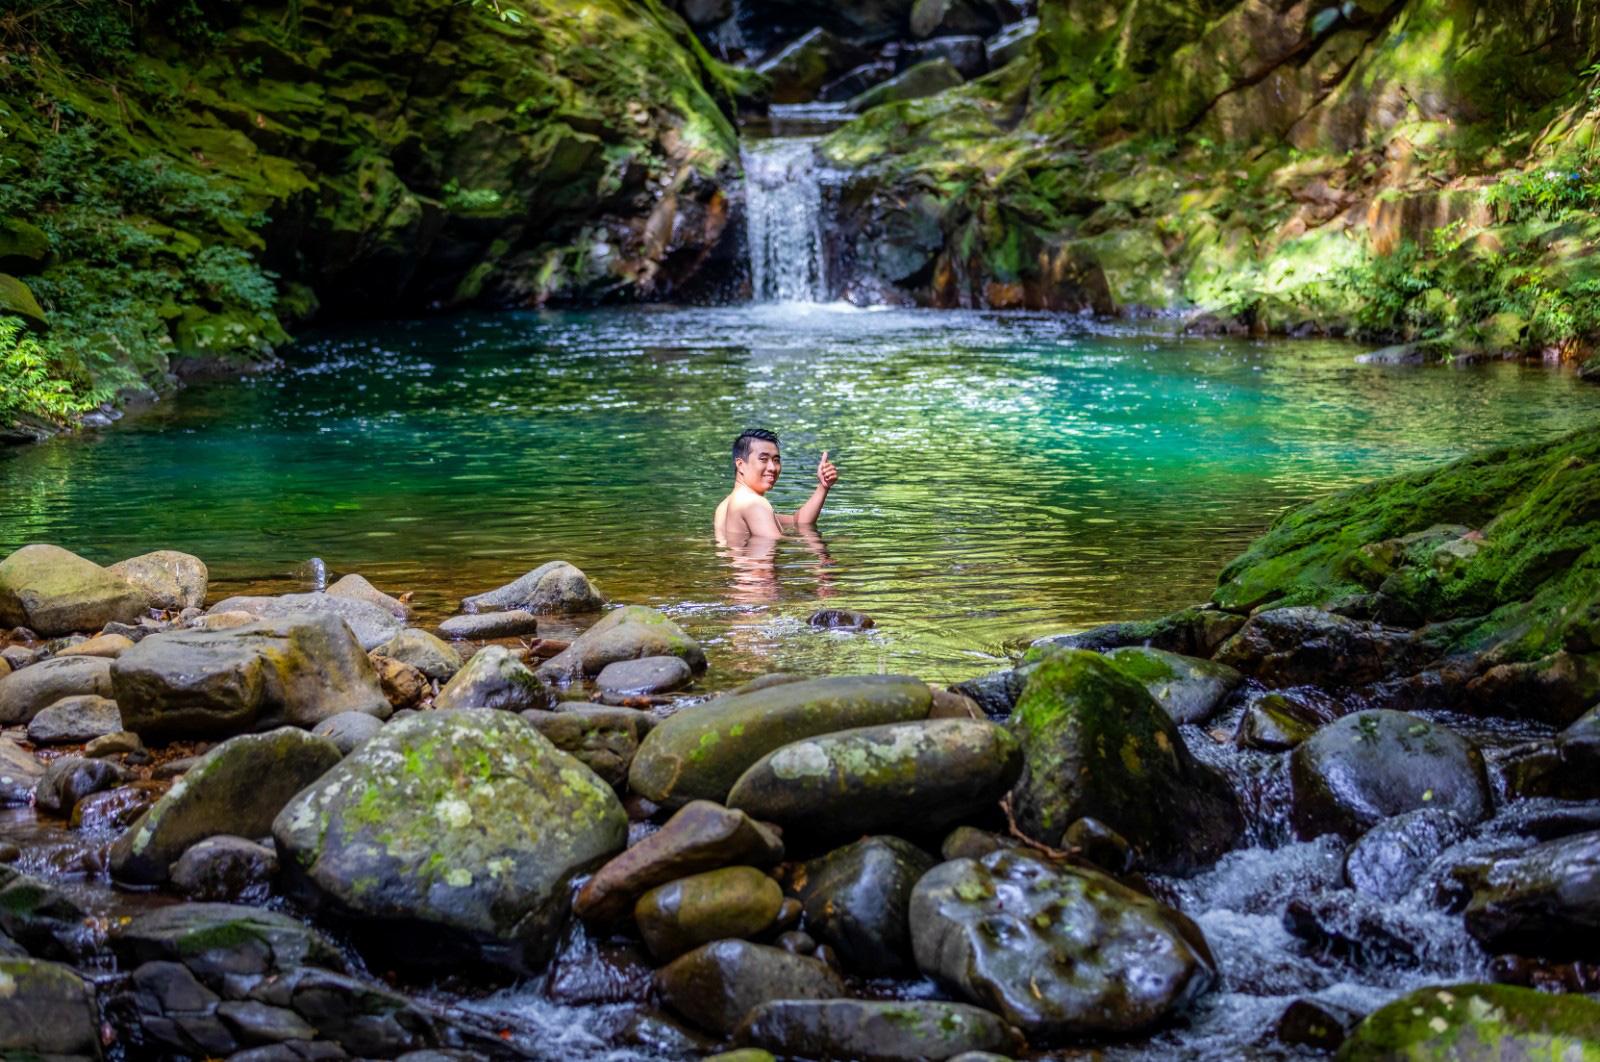 A tourist bathes in a stream in Bach Ma National Park, Thua Thien-Hue Province, Vietnam. Photo: Tran Luu Anh Tuan / Tuoi Tre